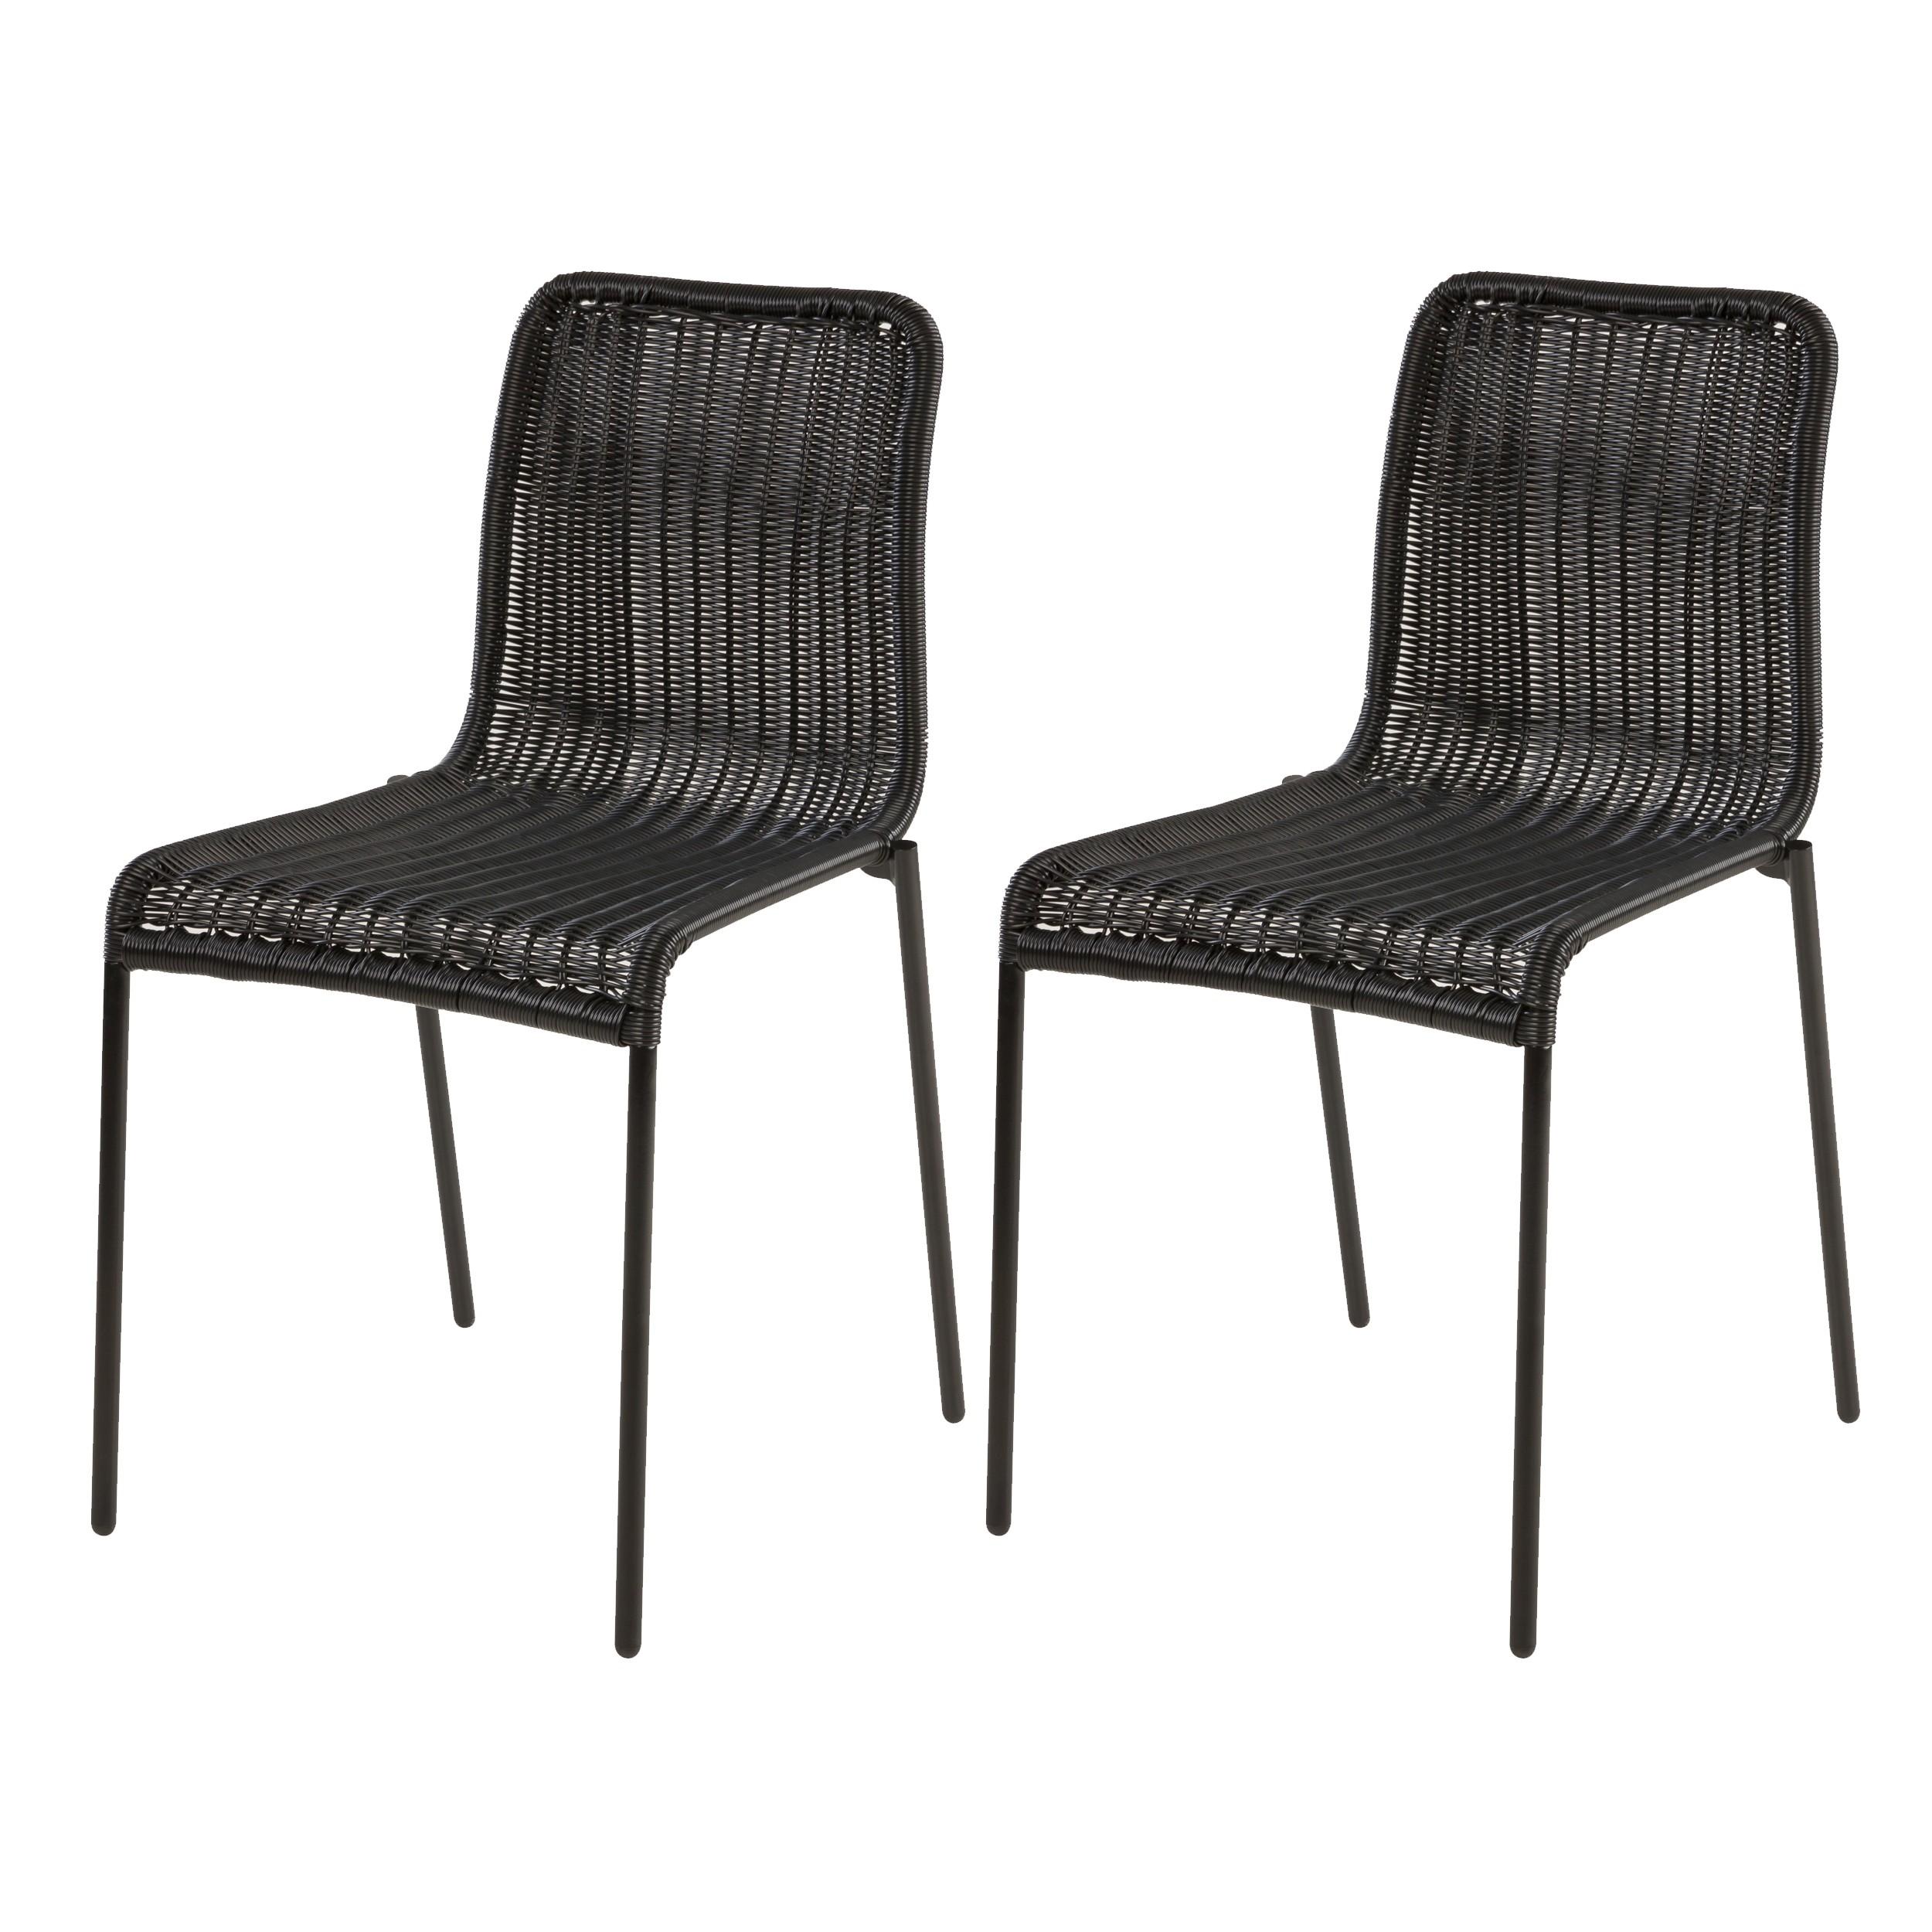 acheter chaise lot de 2 en resine noire